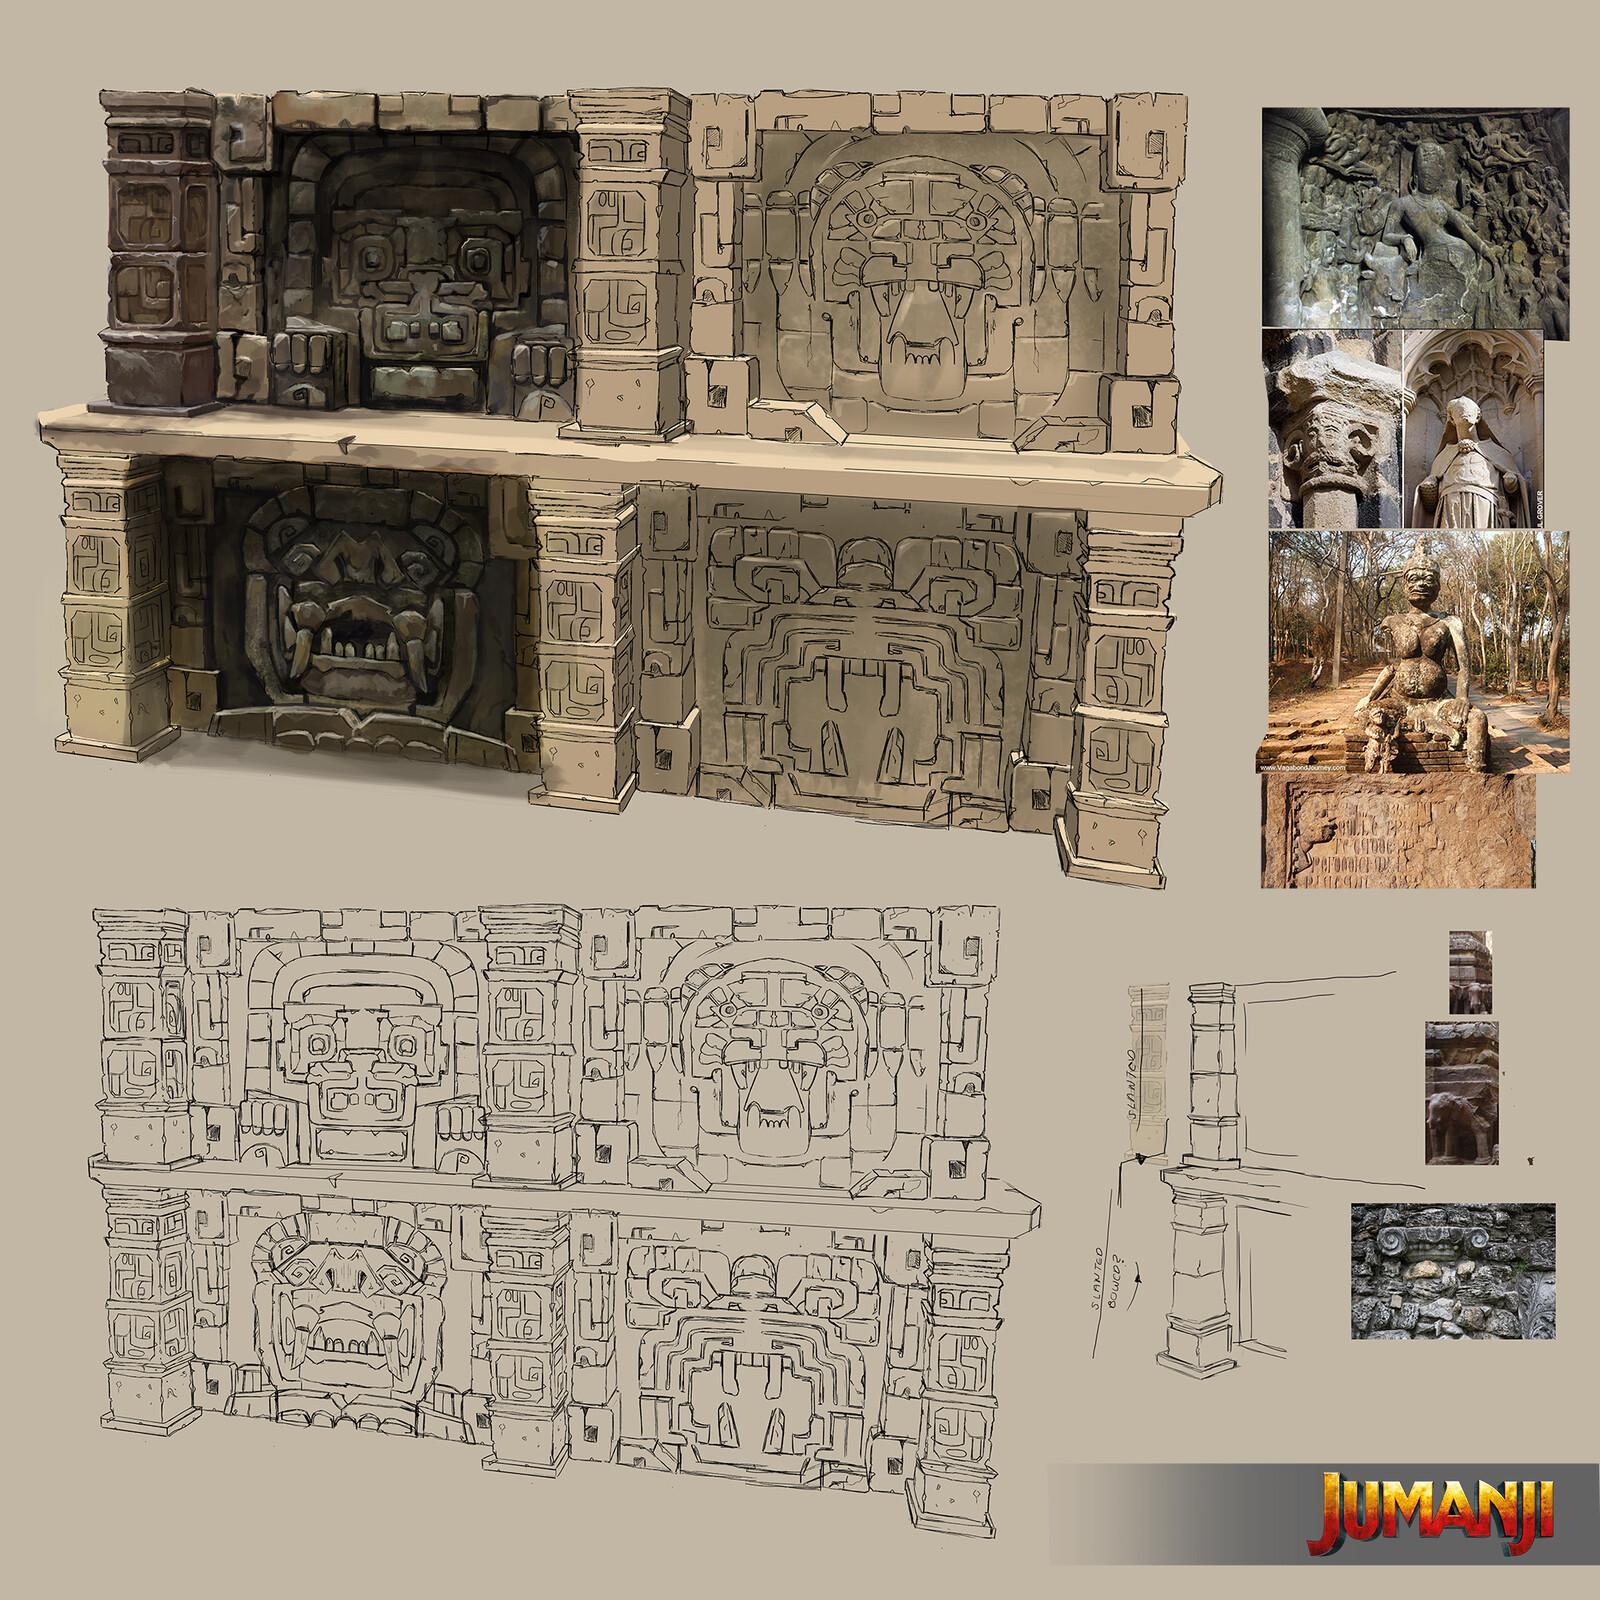 Jumanji design work